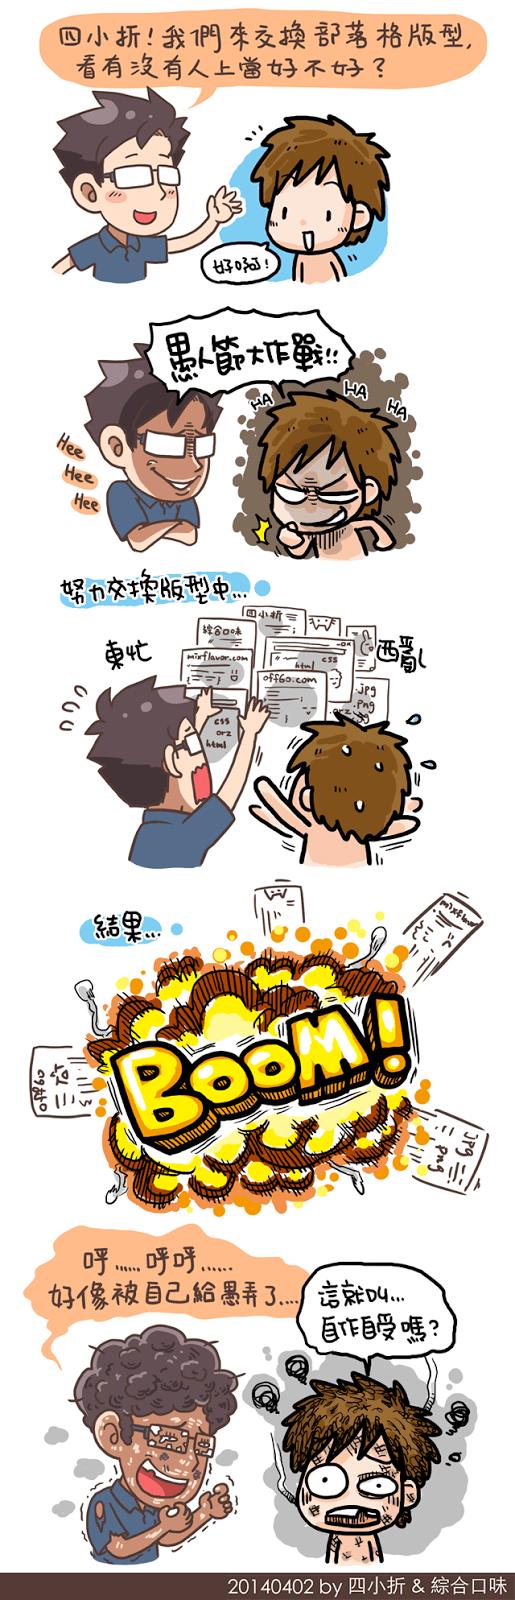 2014愚人節大作戰